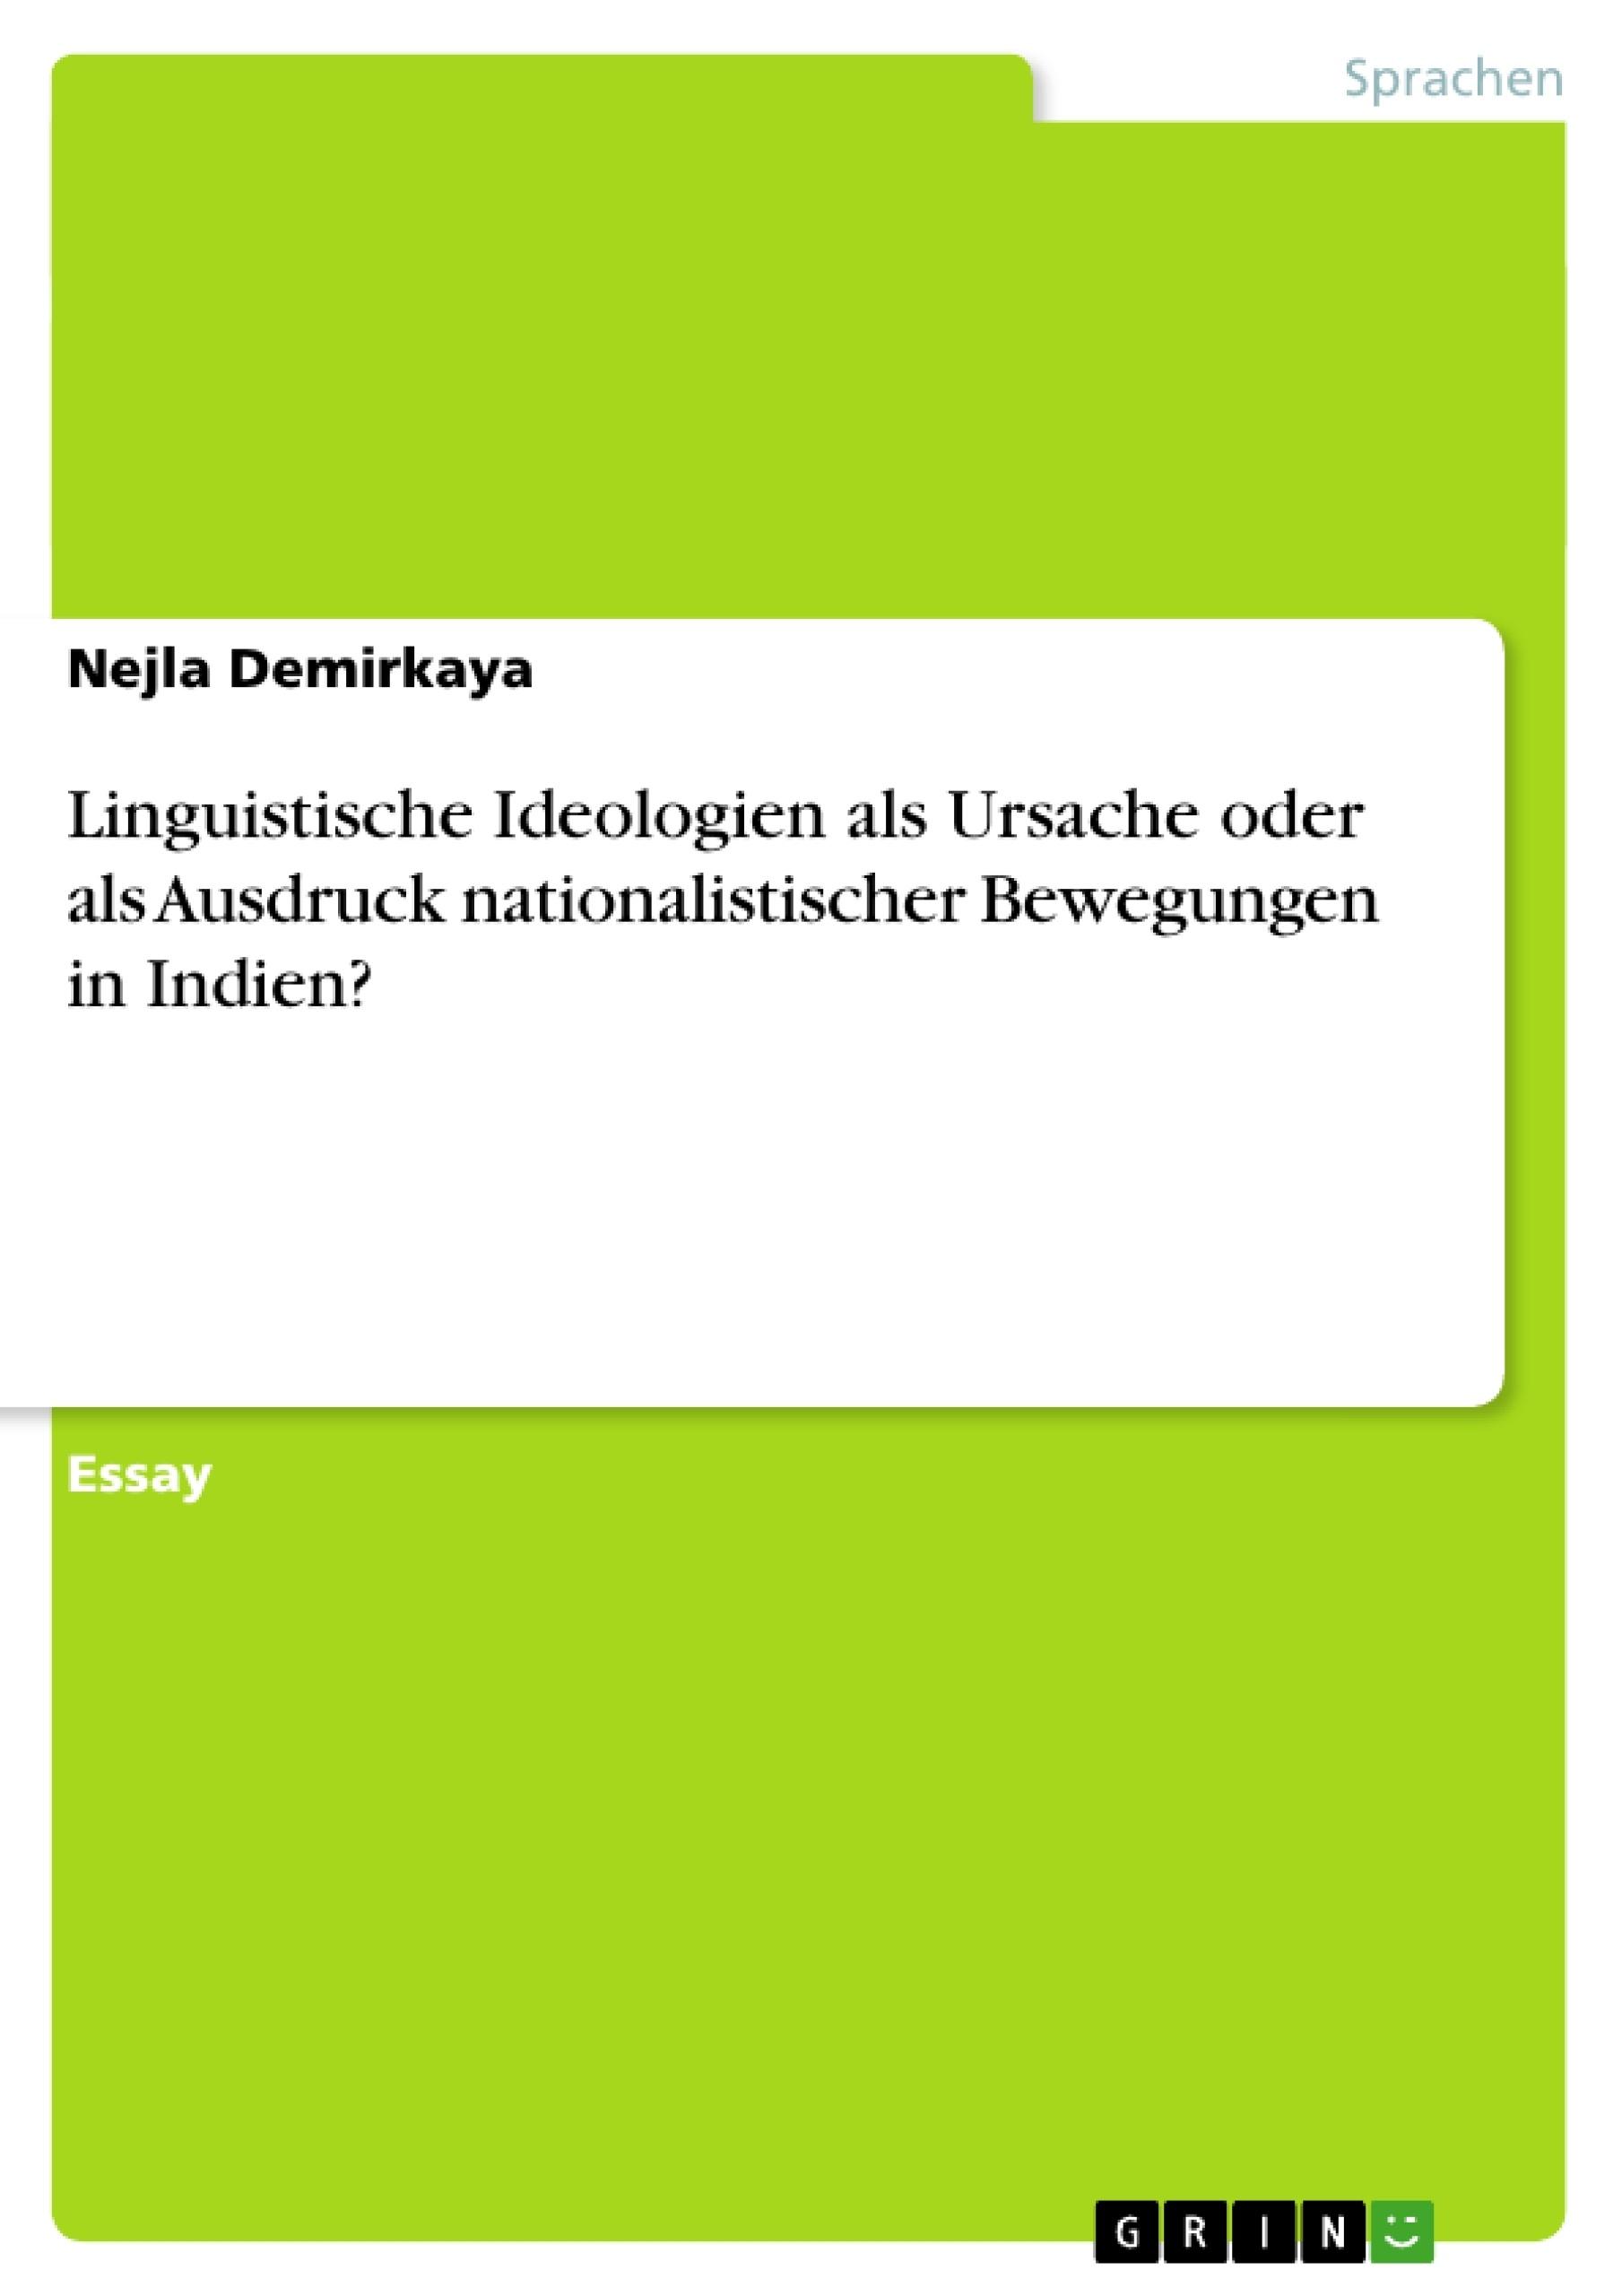 Titel: Linguistische Ideologien als Ursache oder als Ausdruck nationalistischer Bewegungen in Indien?